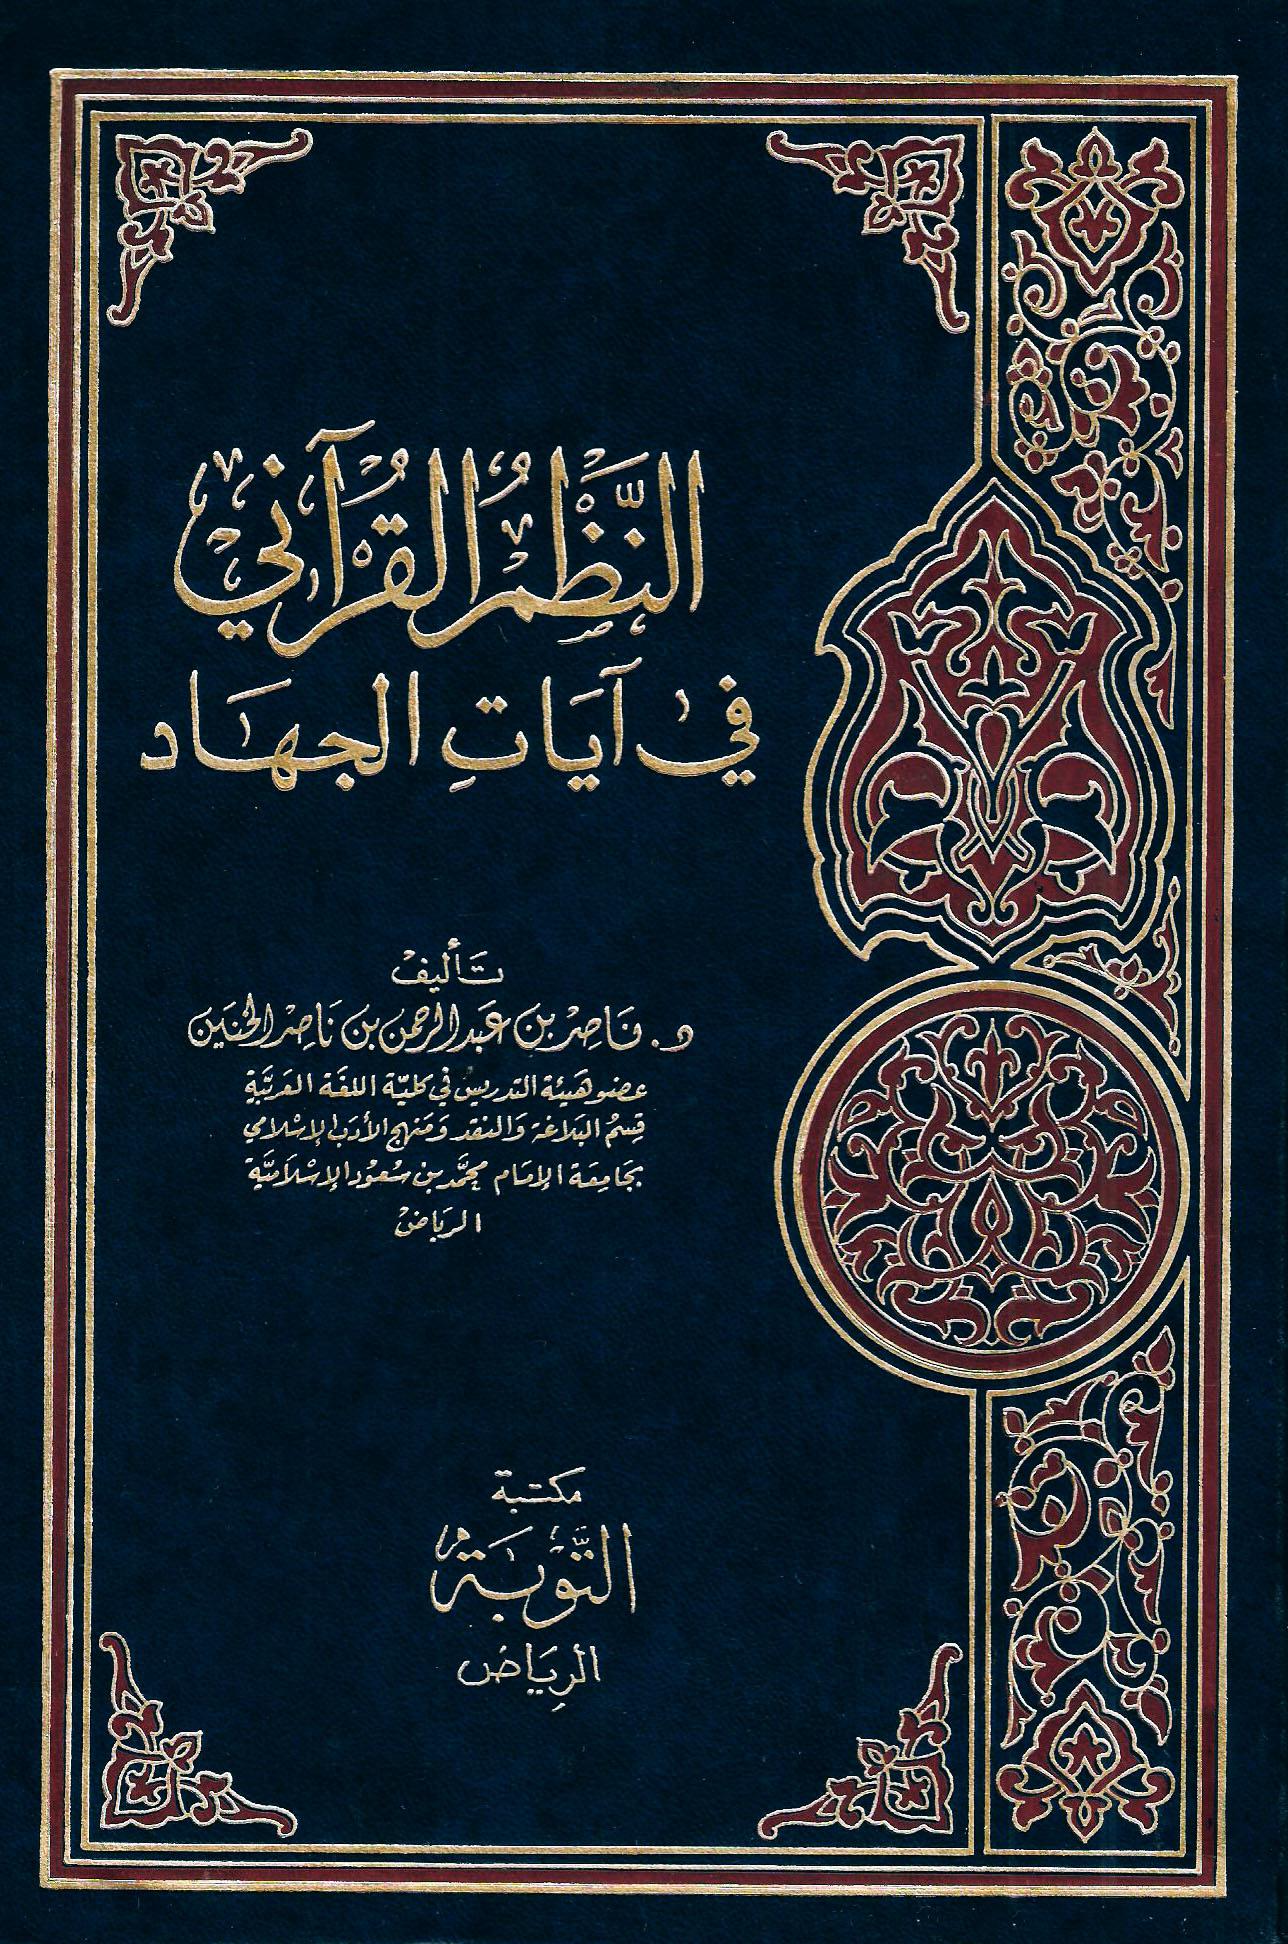 تحميل كتاب النظم القرآني في آيات الجهاد لـِ: الدكتور ناصر بن عبد الرحمن بن ناصر الخنين